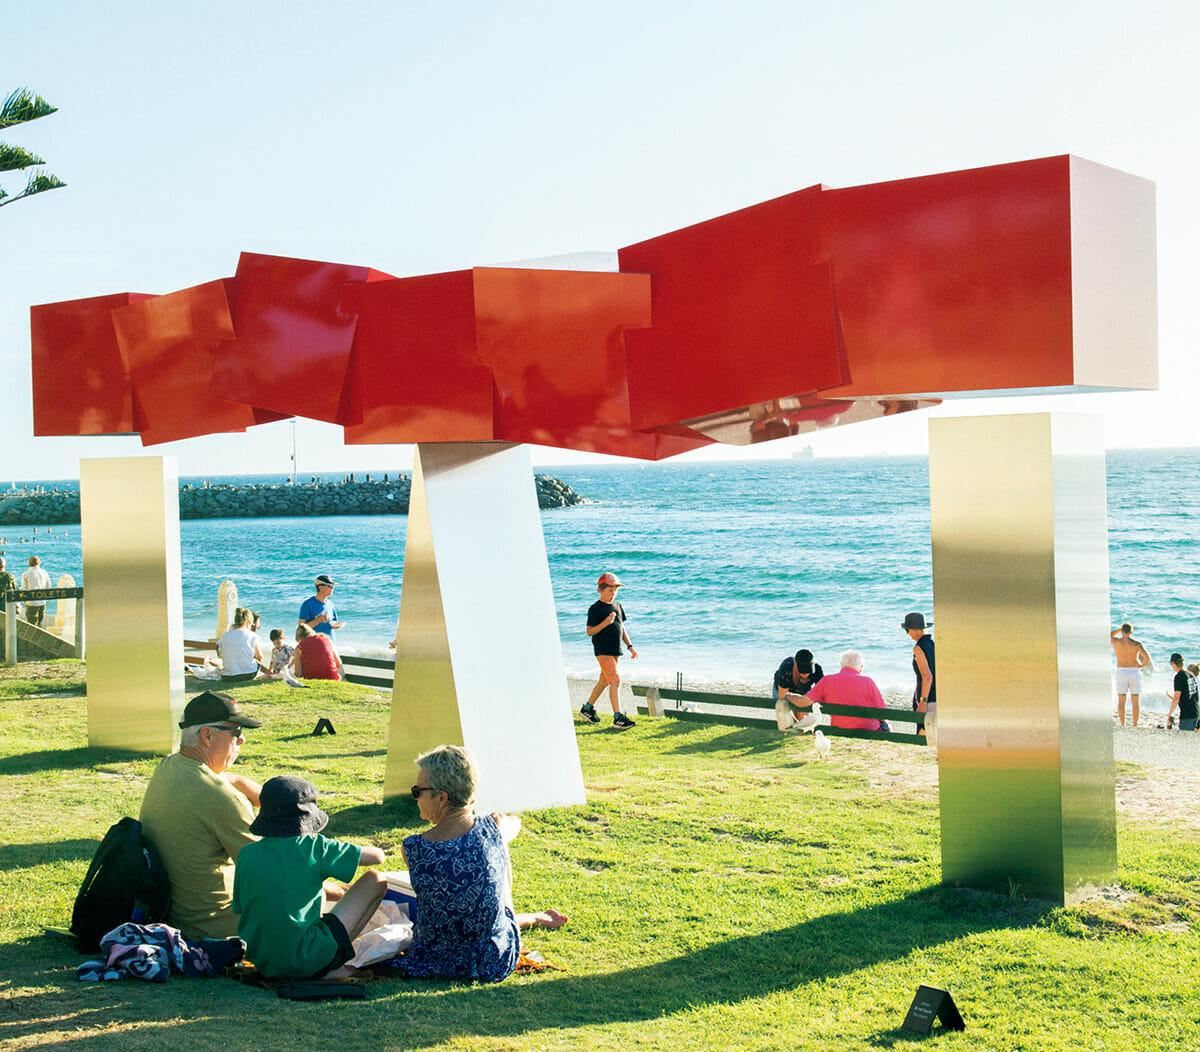 毎年3月、コテスロー・ビーチでは世界最大の野外彫刻展『Sculpture by the Sea』が開催されている。日本人アーティストも多く参加しており、写真は磁石を用いた作品で知られる内田晴之「メリー・ゲート」。